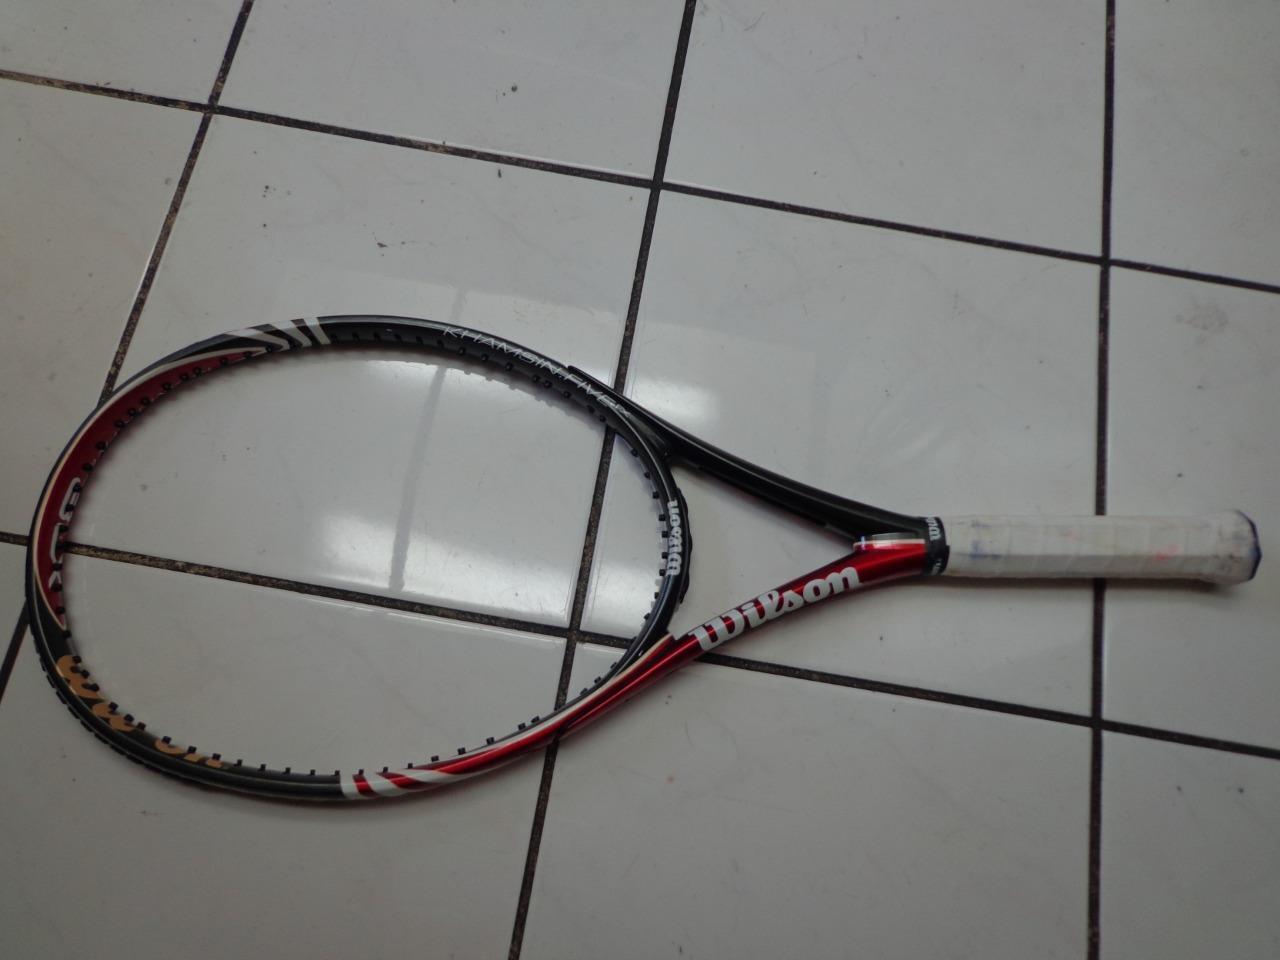 Wilson BLX Khamsin 5 108 108 108 head 4 1/2 grip Tennis Racquet 18a459